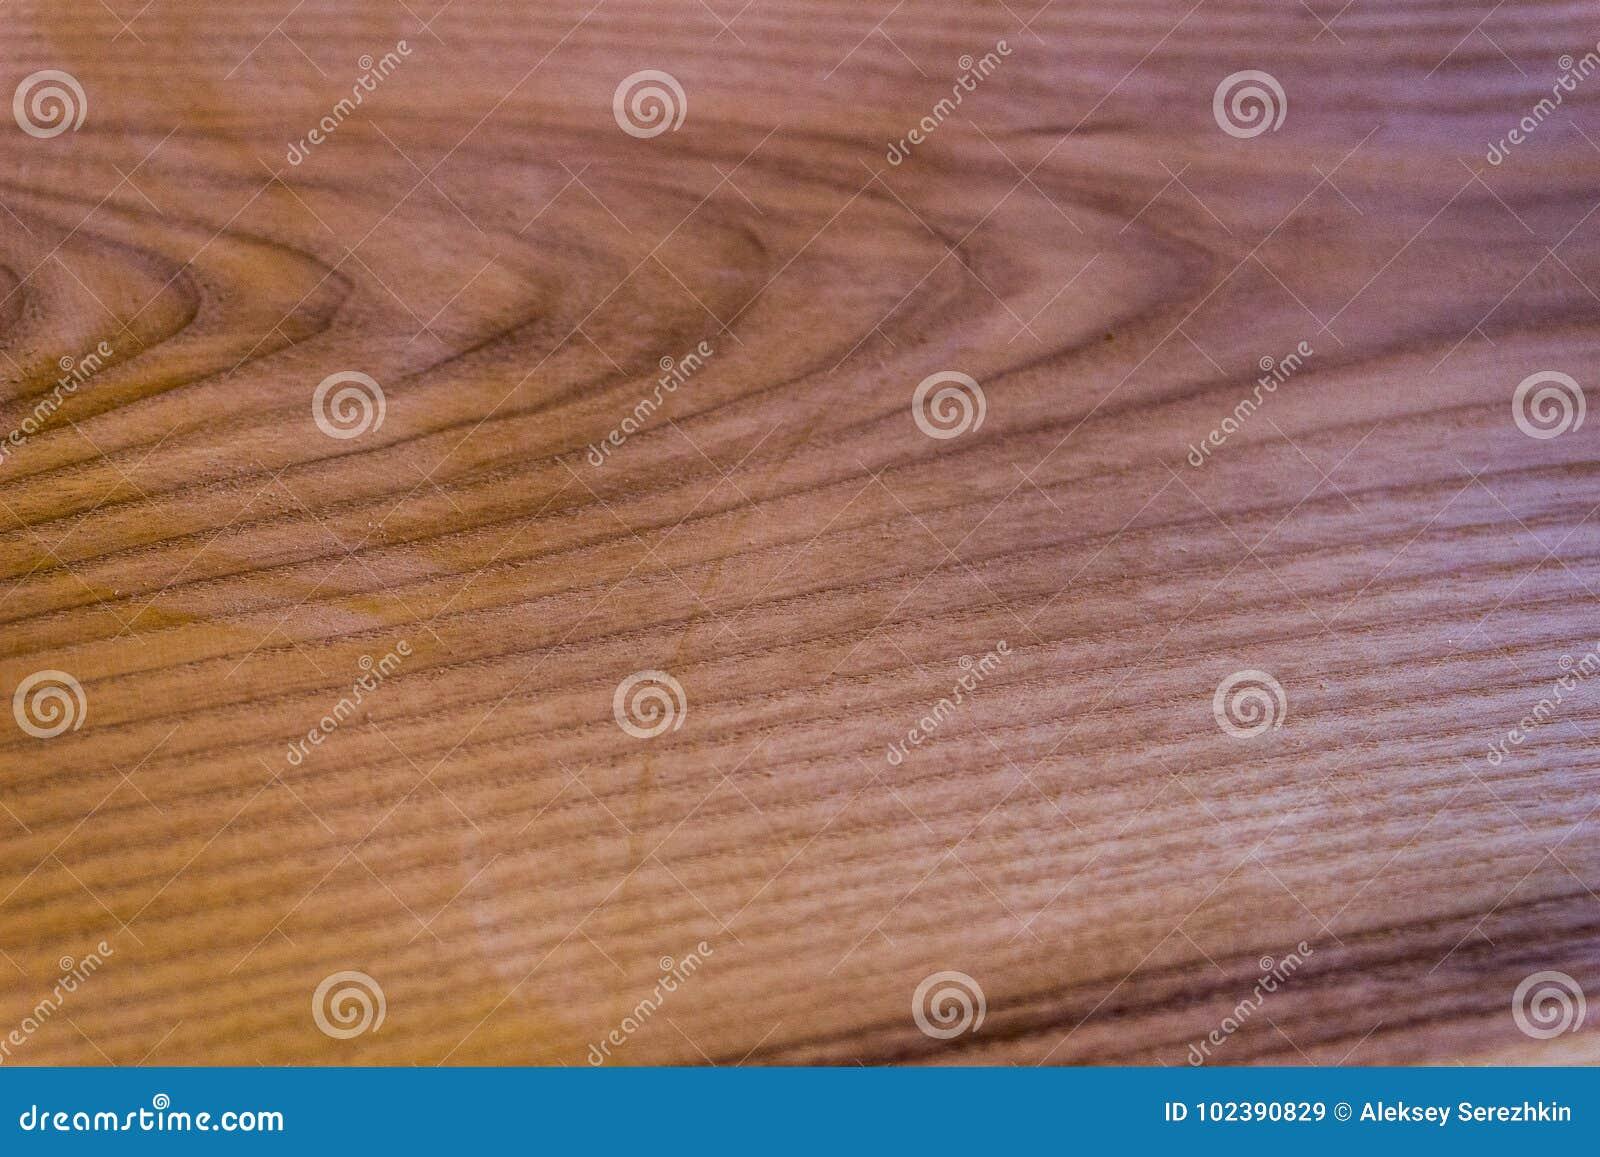 Textura de um carvalho, fundo